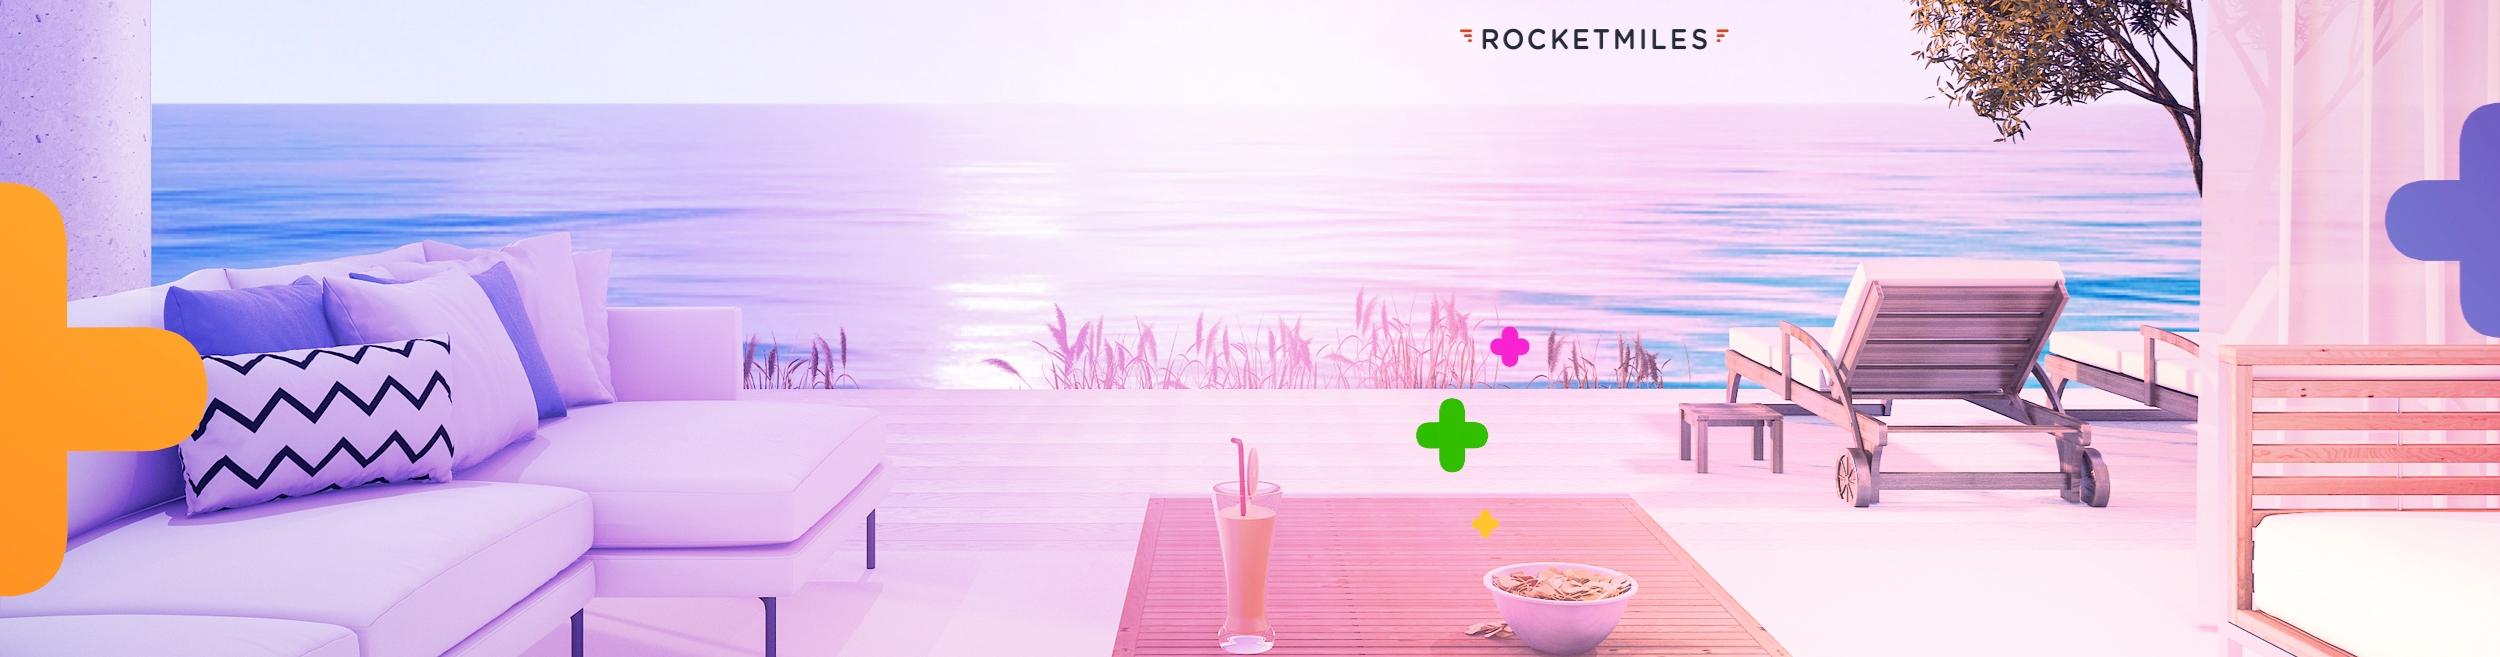 rocketmiles en